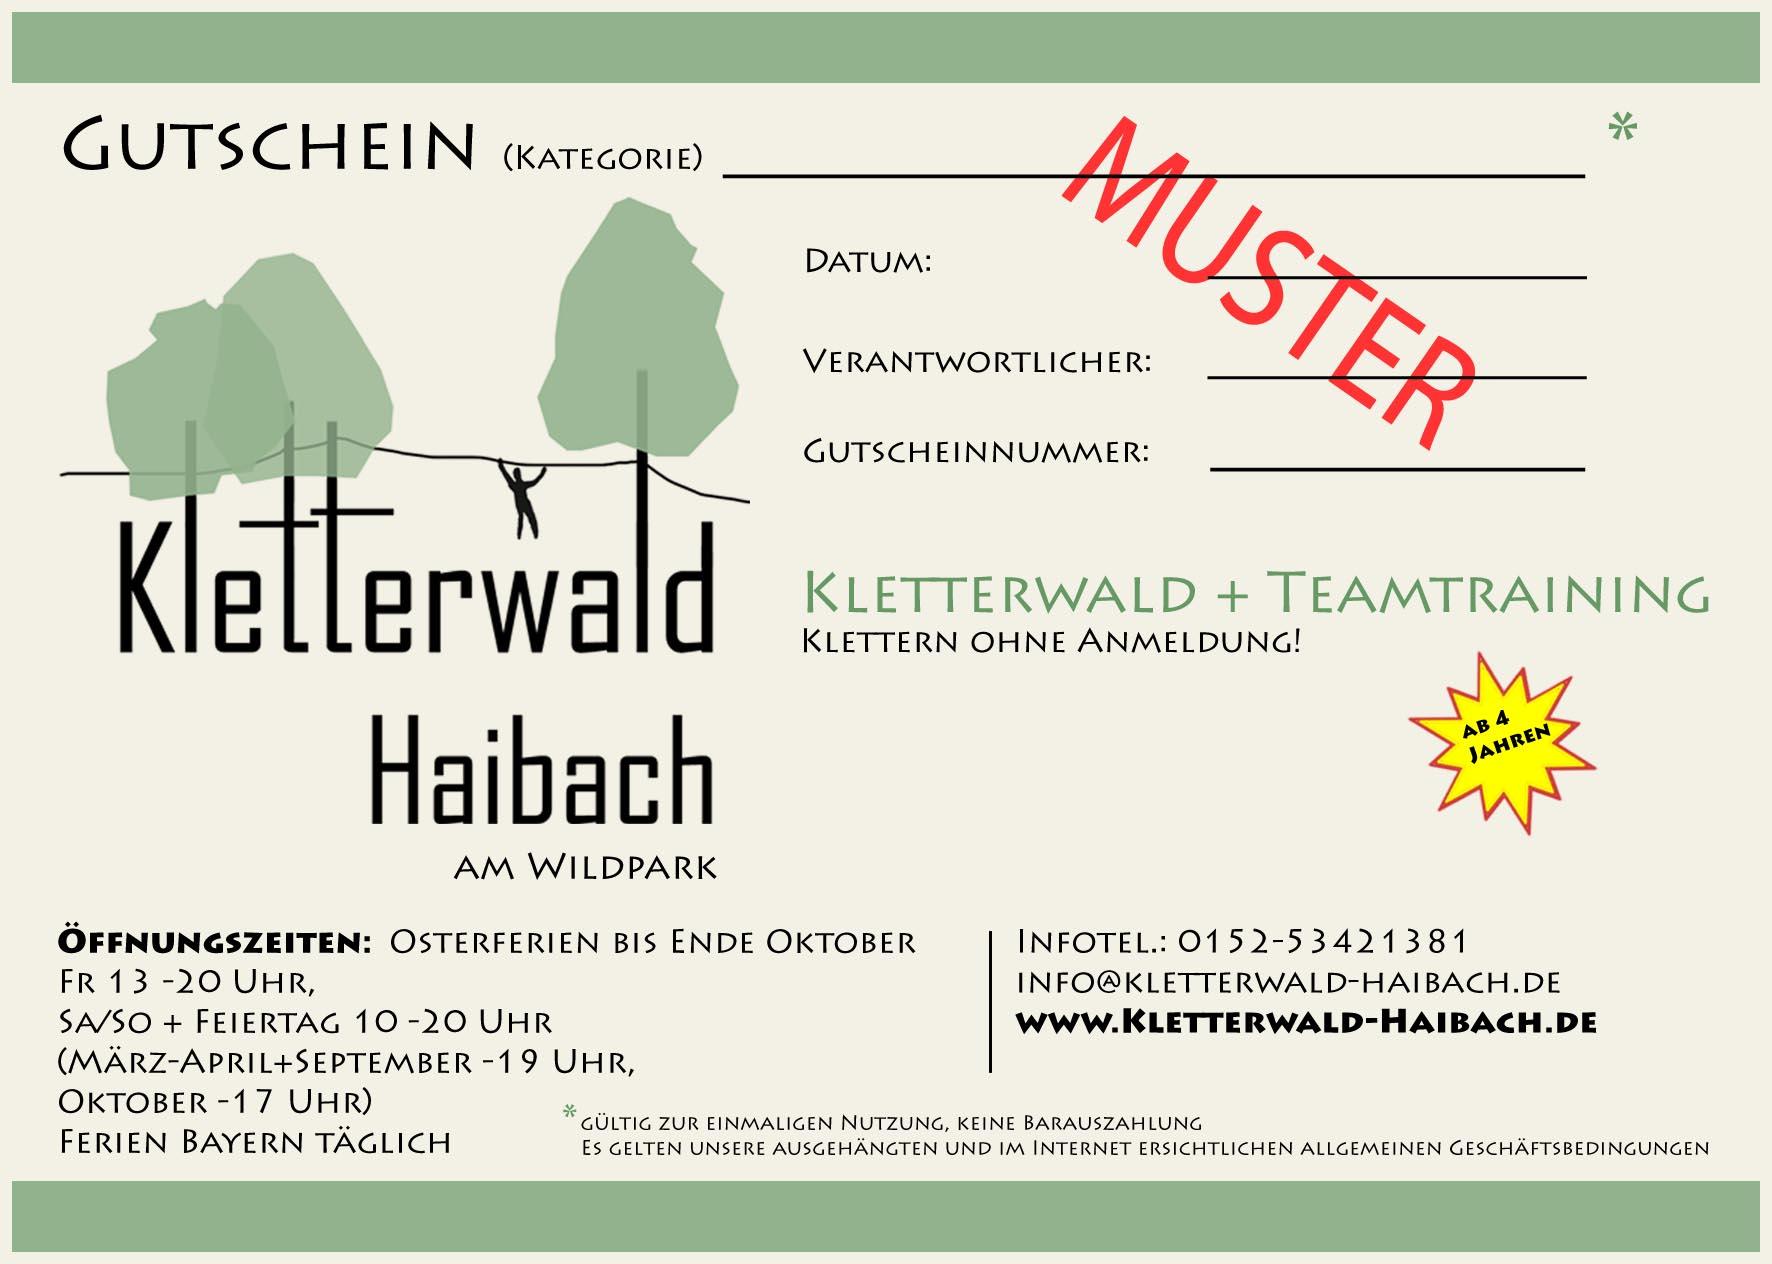 Gutschein Vorderseite Kletterwald Haibach_Homepage